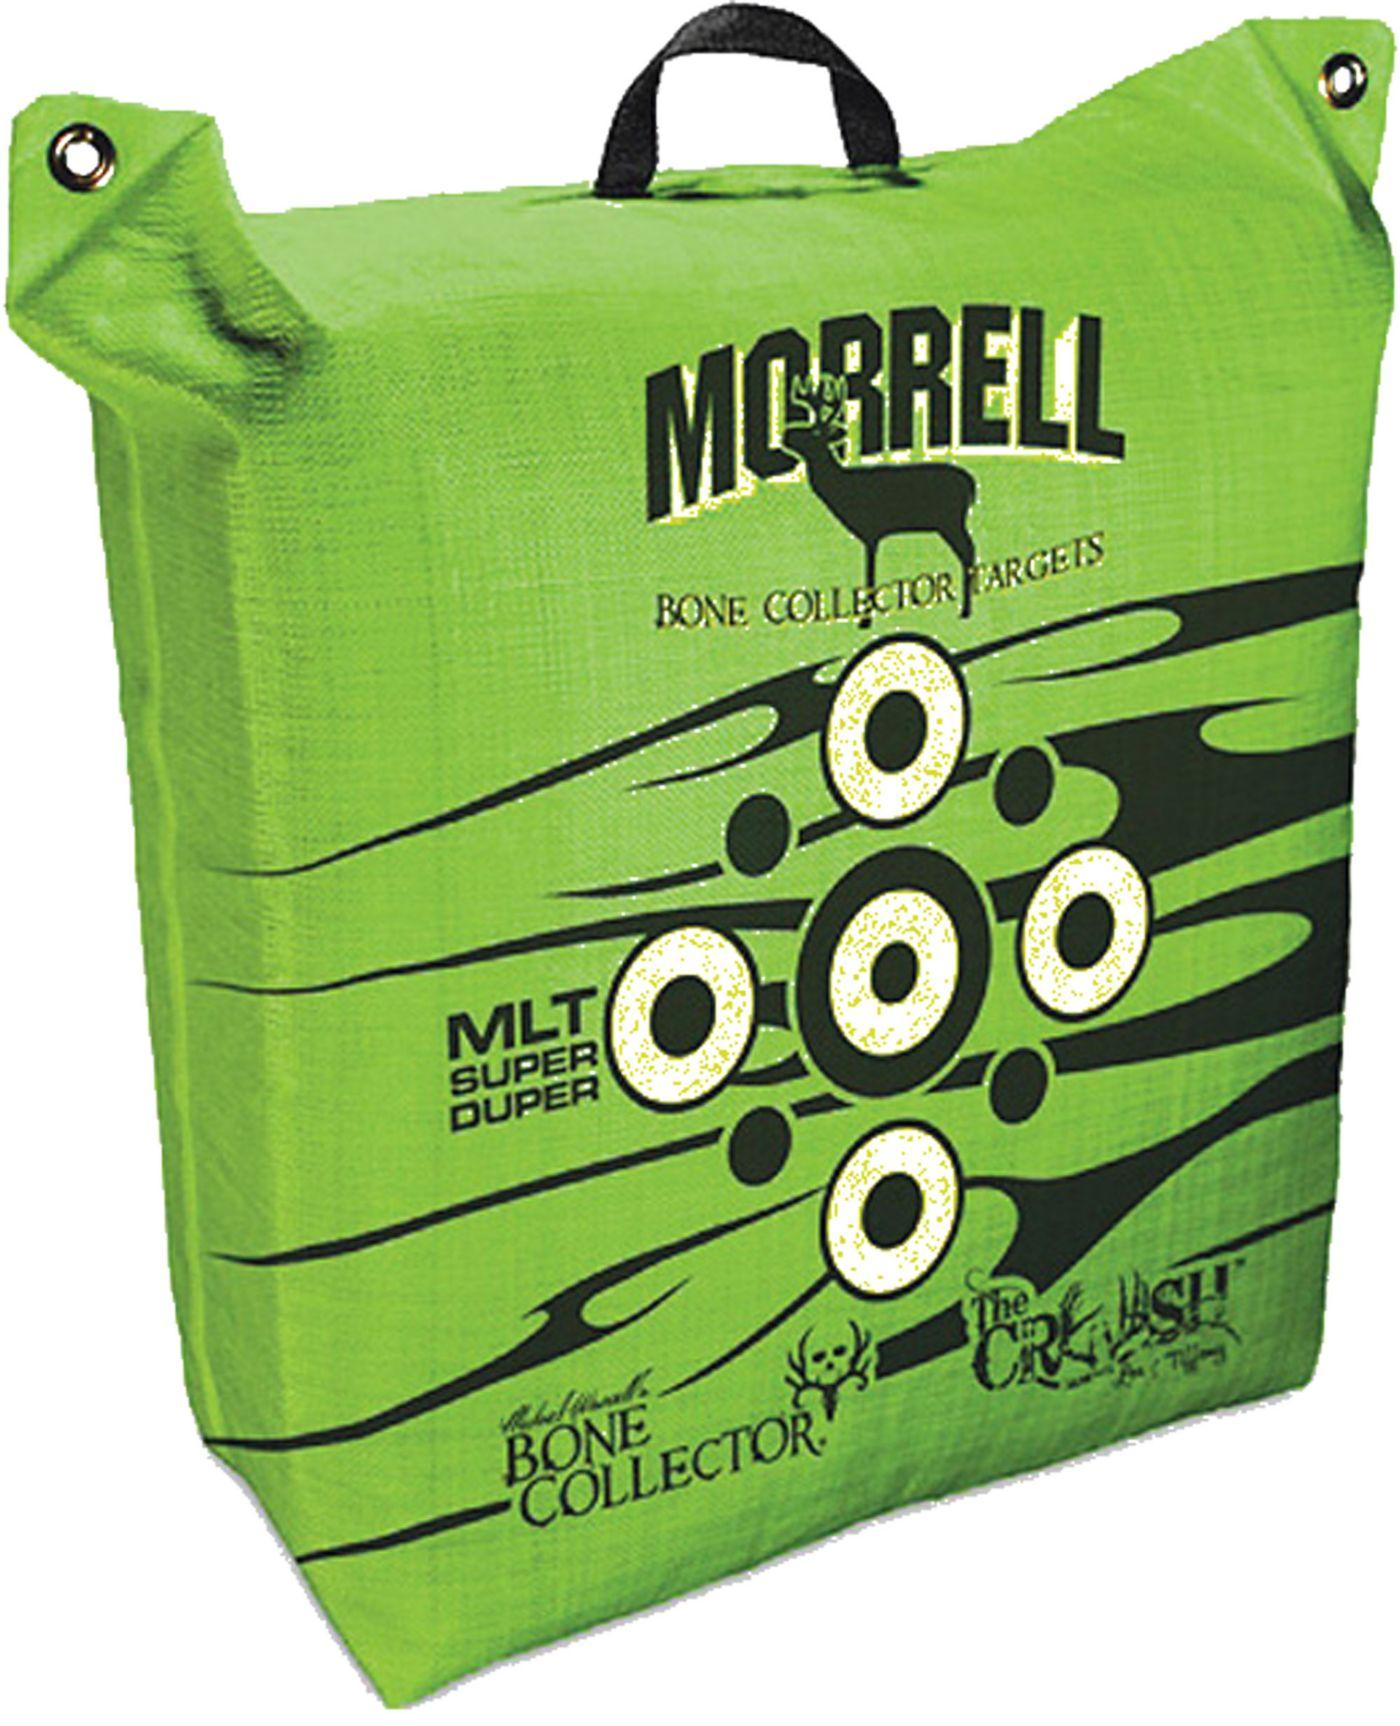 Morrell Bone Collector MLT Super Duper Field Point Target